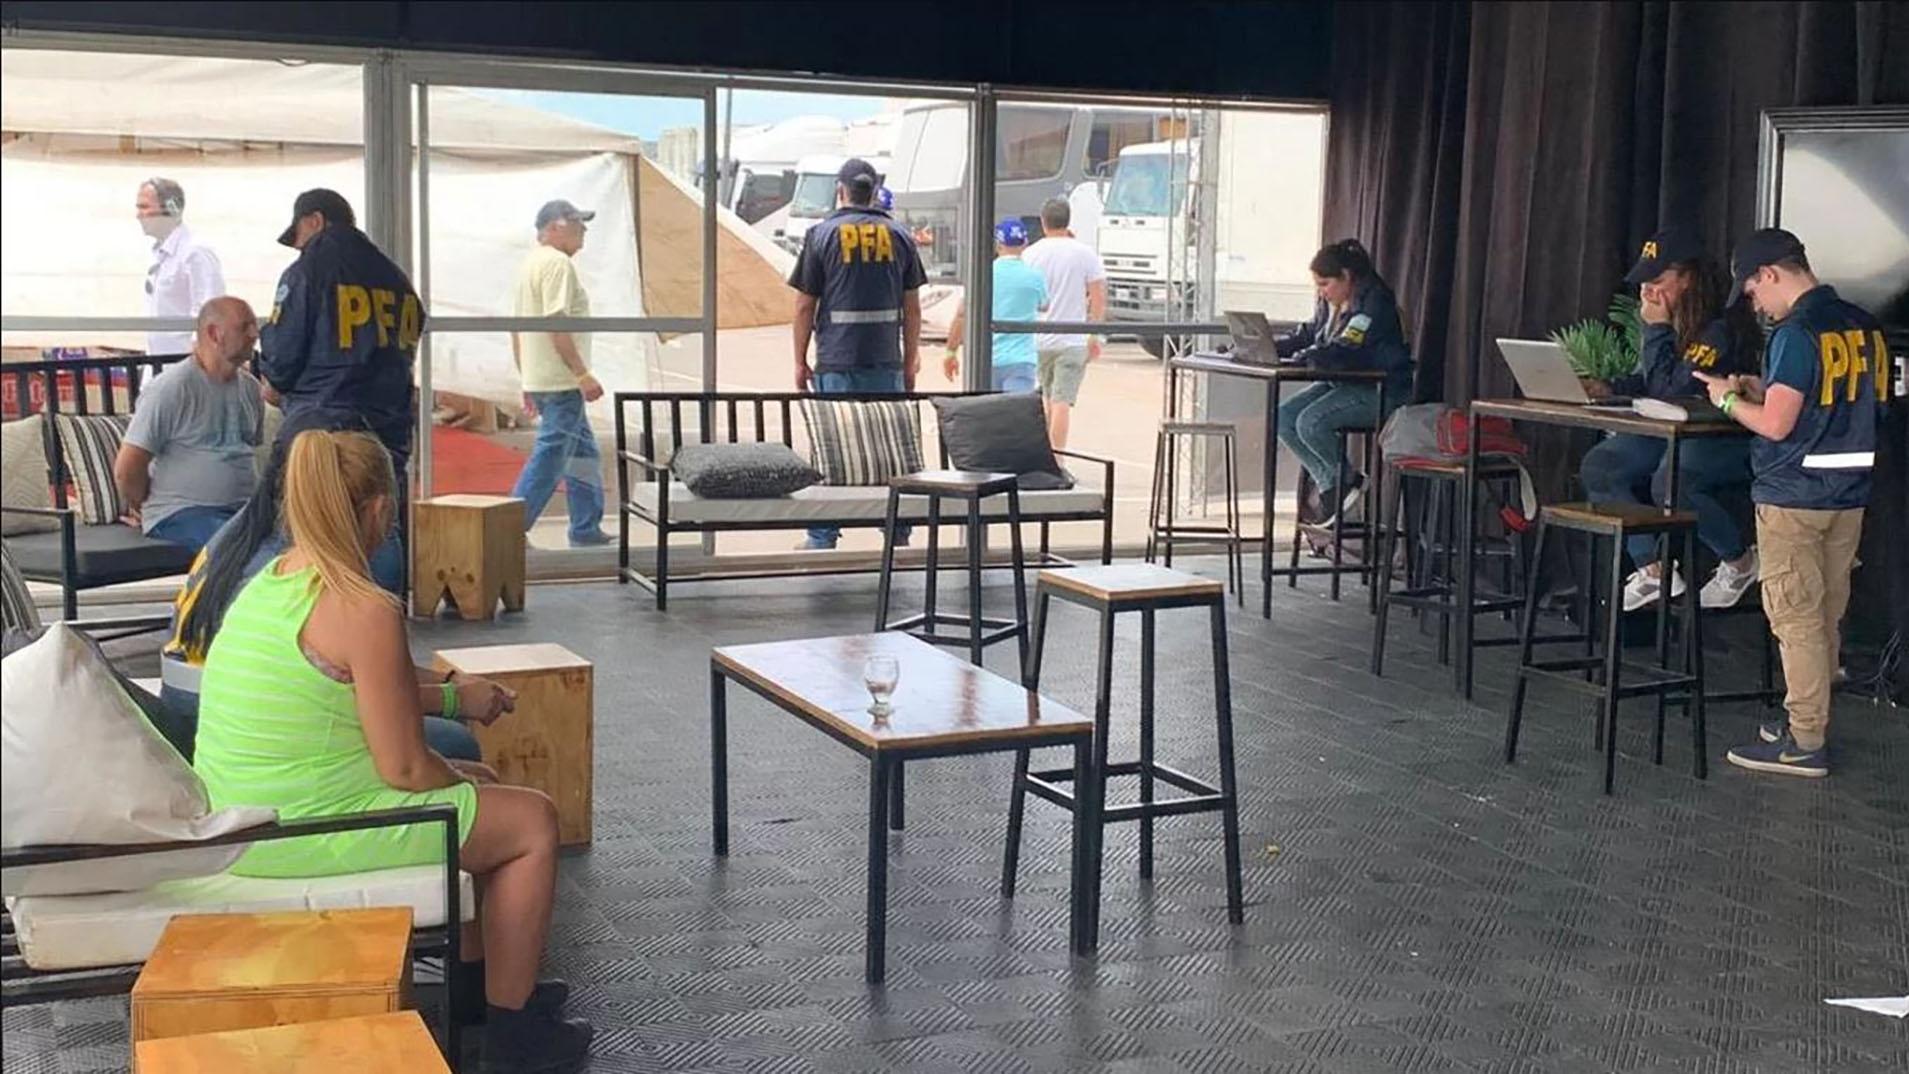 Prostitucion Vip En El Automovilismo Tres Detenidos Por Cooptar